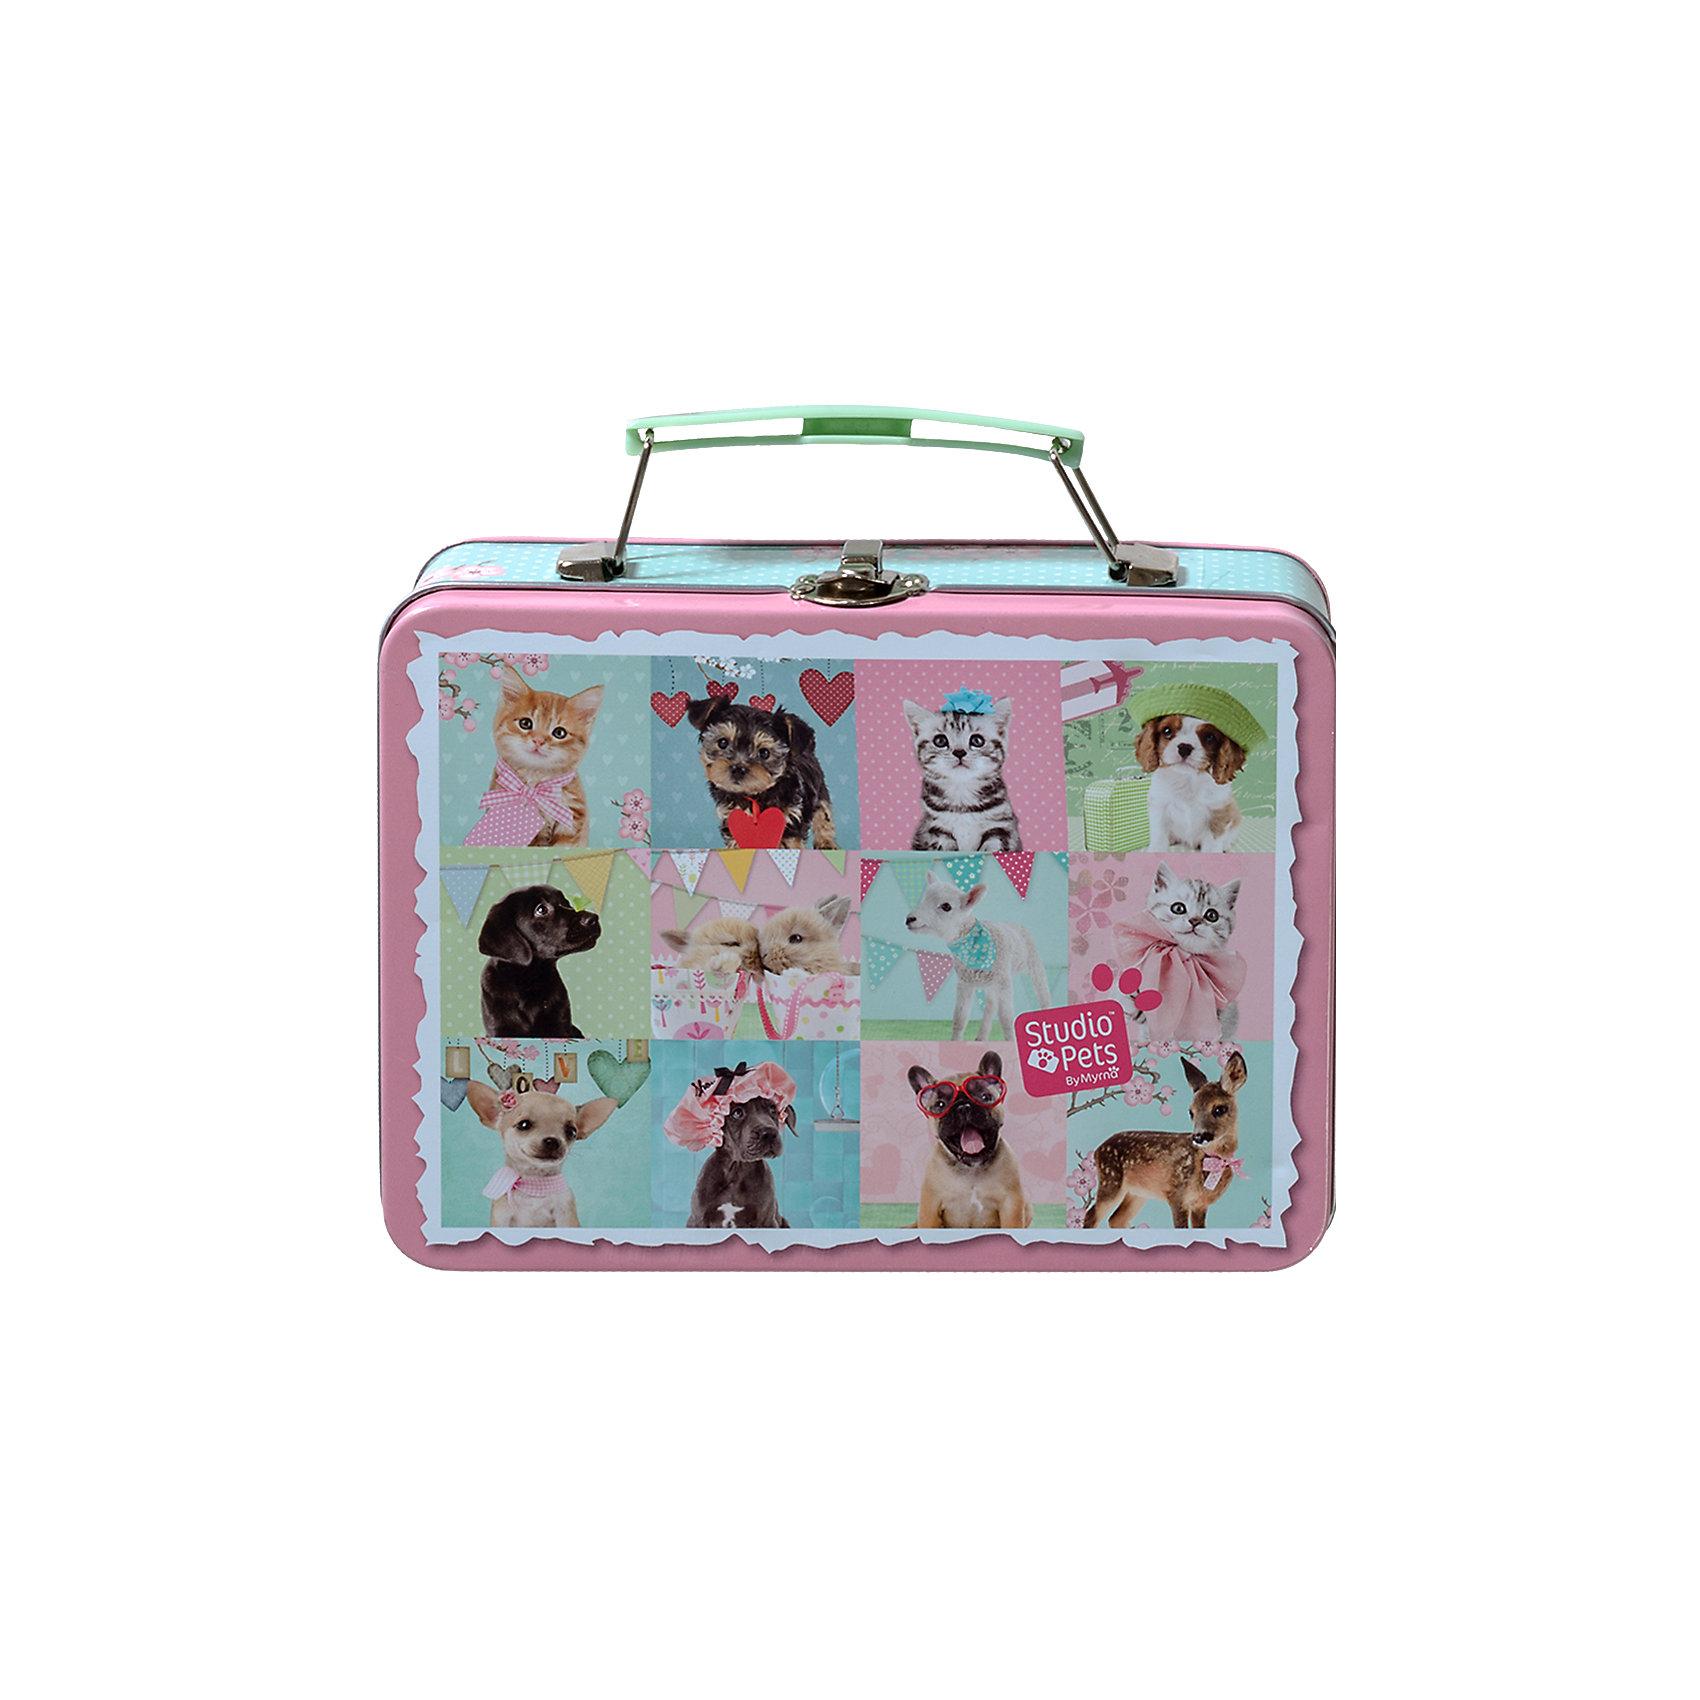 Набор для творчества БраслетыНабор для творчества в оловянном чемоданчике с замком, который можно использовать как коробку для завтраков станет прекрасным подарком для девочки. Пусть малышка создаёт свои оригинальные браслеты и меняется ими с подружками. Процесс создания украшений - увлекательное и полезное занятие, развивающее мелкую моторику, воображение, творческие способности, внимание и умение работать по инструкции. <br><br>Дополнительная информация:<br><br>- Комплектация: 3 браслета из заменителя кожи, ленточки различных цветов, разноцветные стразы,  наклейки Домашние питомцы, деревянная палочка, инструкция. <br>-  Материал: пластик, текстиль, бумага, дерево.<br>- Что ты можешь сделать: 3 браслета, 2 в форме сердечка, 1 - круглой формы.<br><br>Набор для творчества Браслеты можно купить в нашем магазине.<br><br>Ширина мм: 189<br>Глубина мм: 149<br>Высота мм: 61<br>Вес г: 224<br>Возраст от месяцев: 60<br>Возраст до месяцев: 120<br>Пол: Женский<br>Возраст: Детский<br>SKU: 3996507